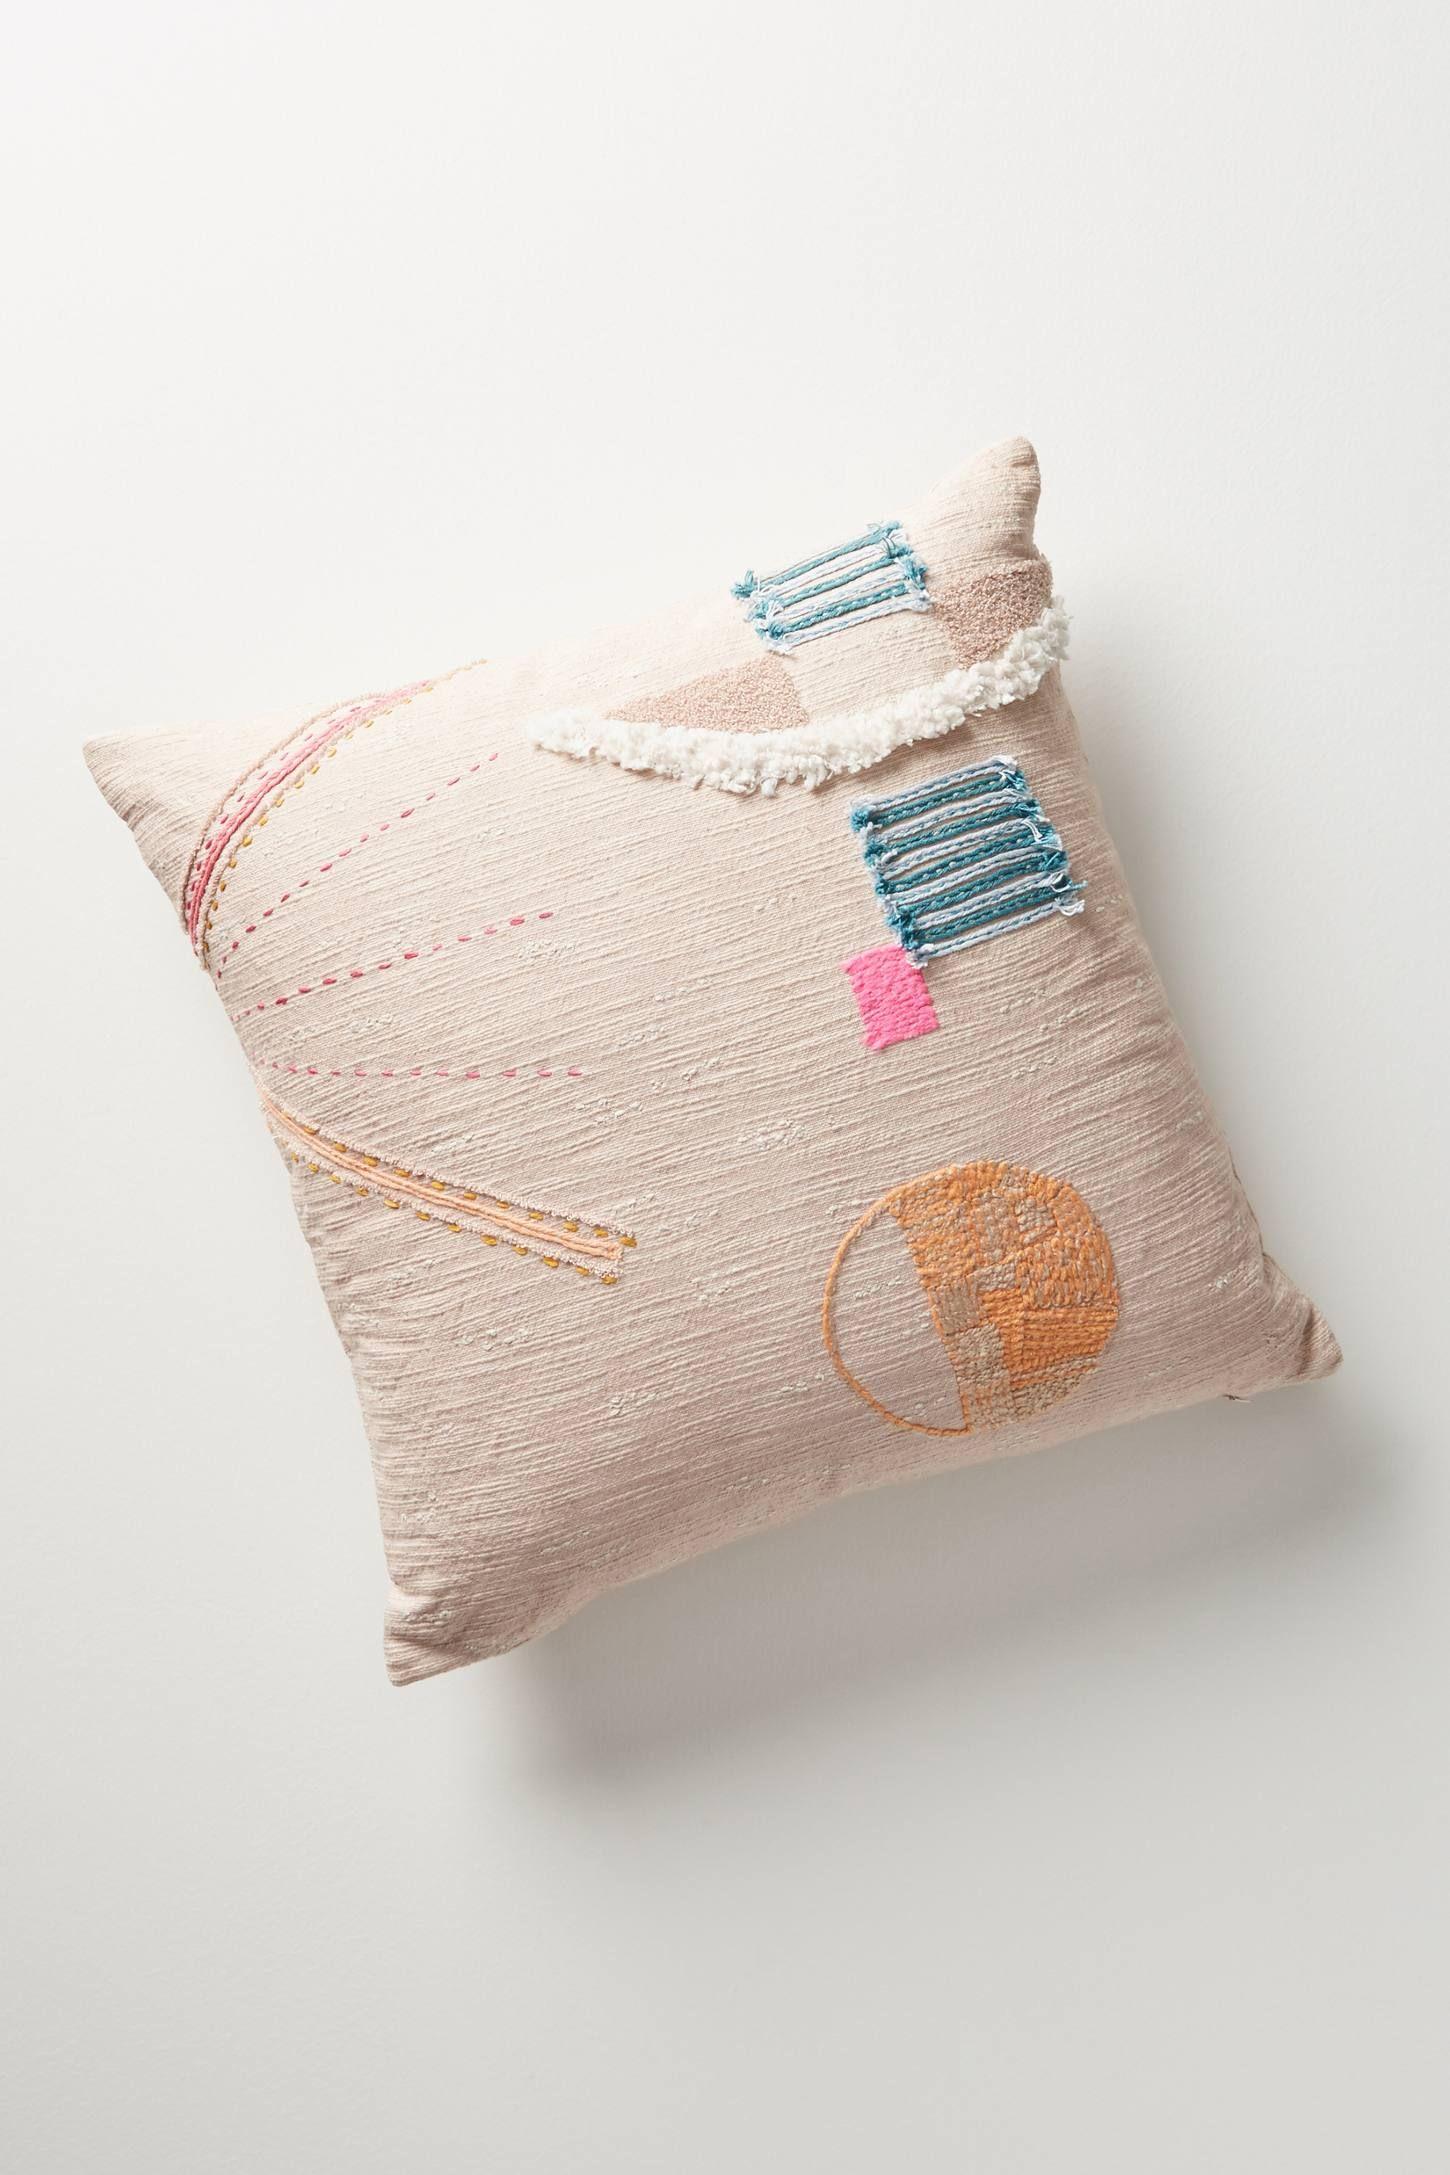 Taran pillow stitched pillows decorative pillows cushions